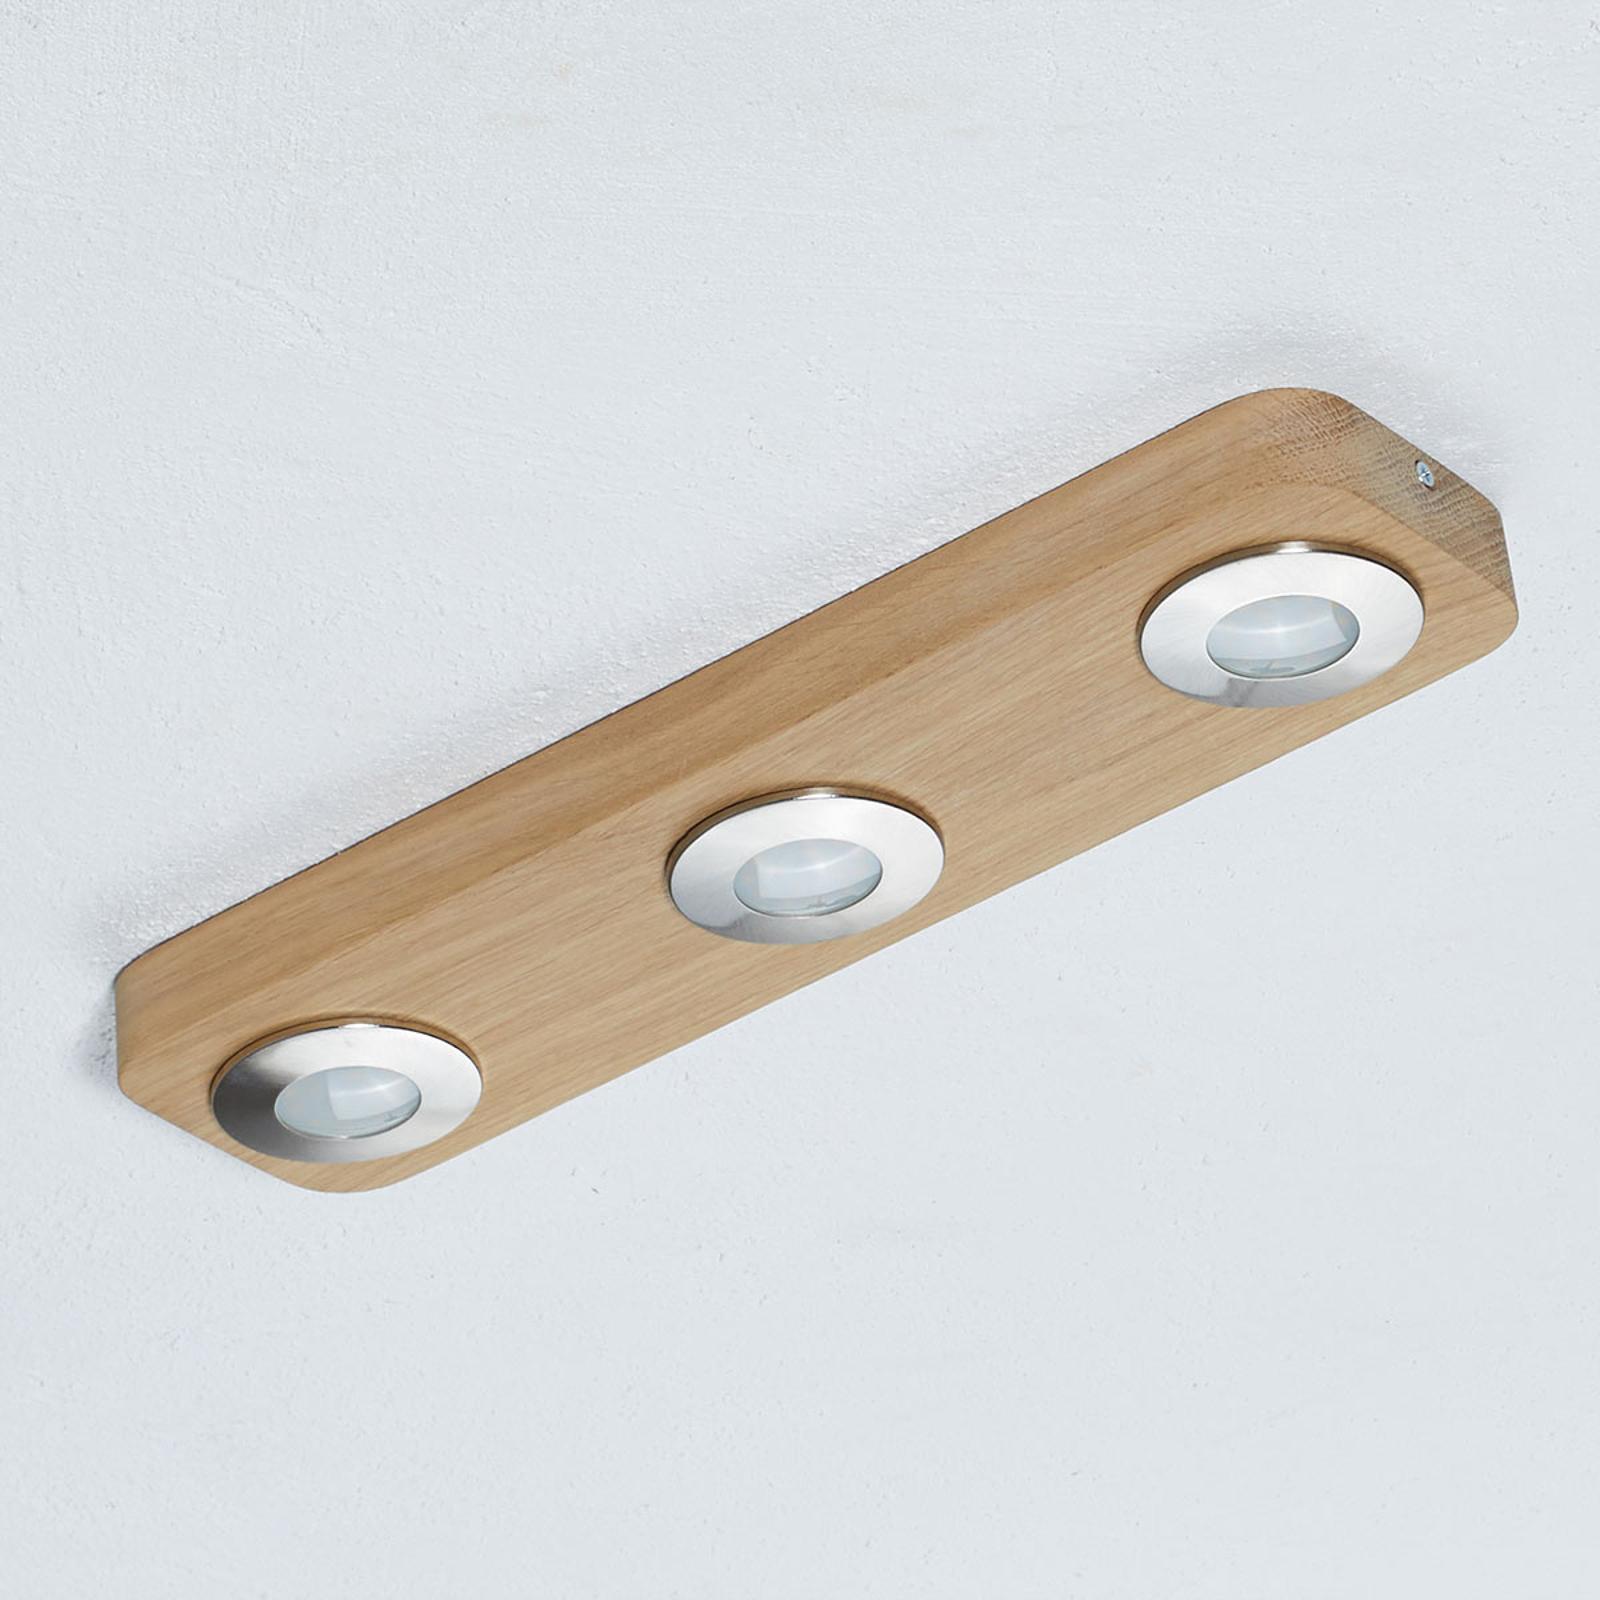 Längliche Holz-Deckenleuchte Sunniva mit LEDs